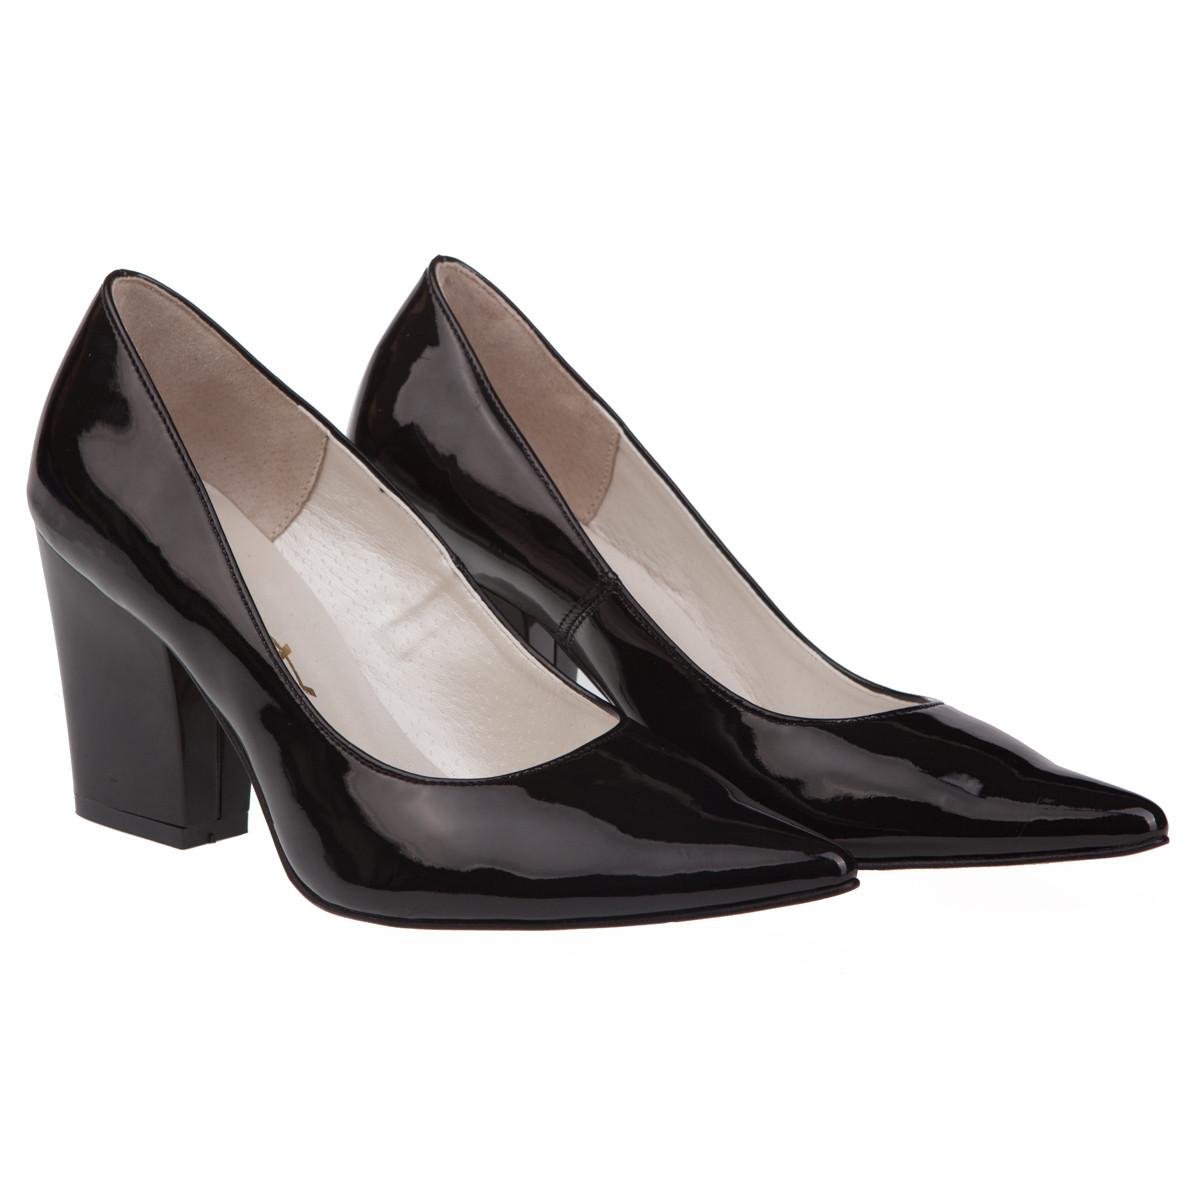 cfad64c2a Туфли женские Asbut (черного цвета, модные, стильные, на удобном каблуке)